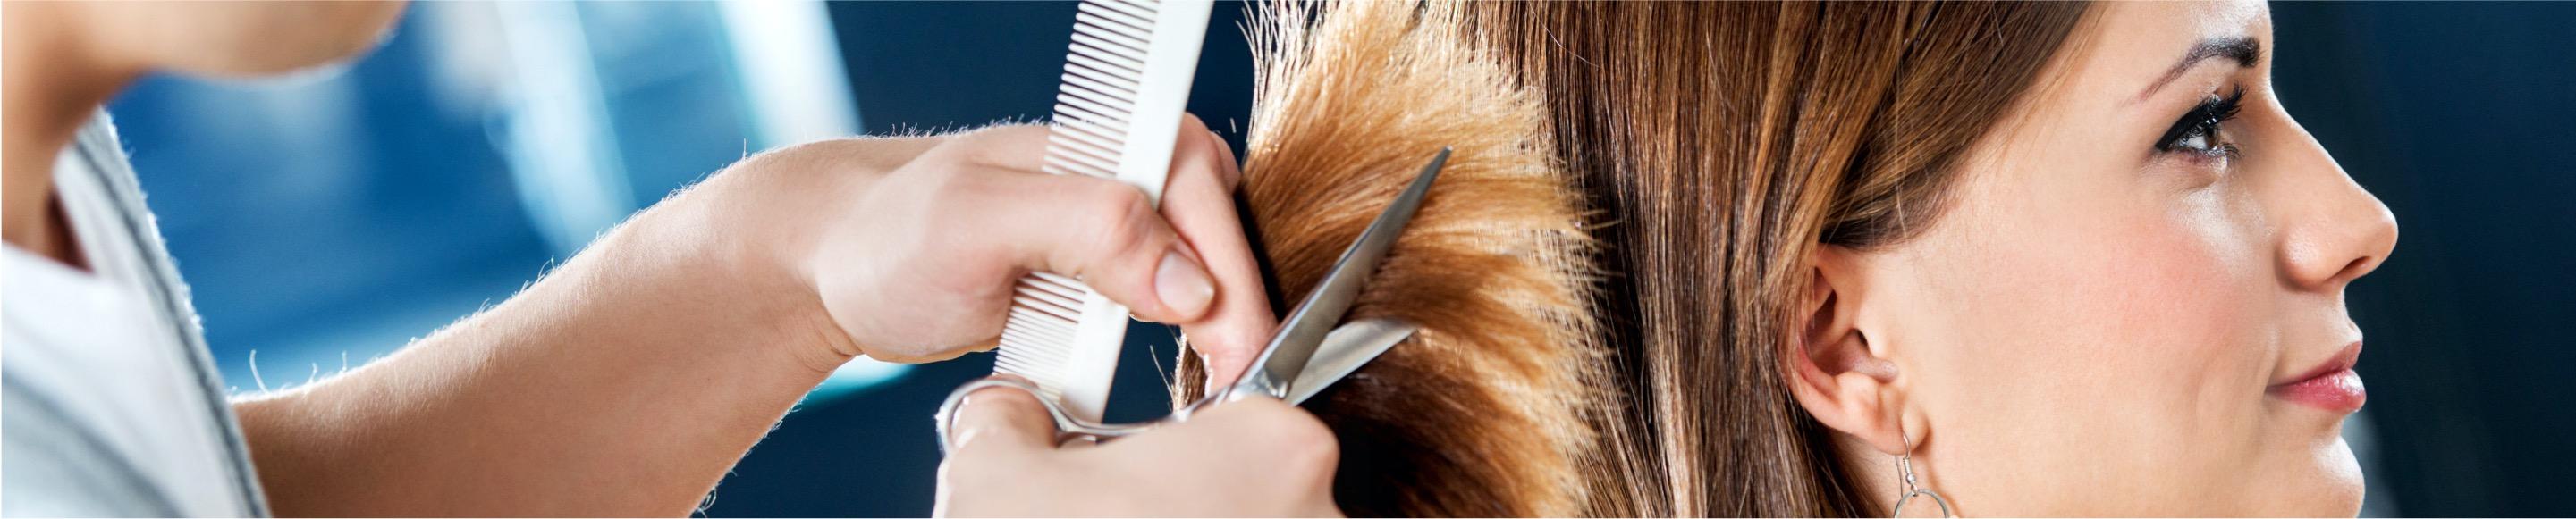 Strzyżenie włosów Gdańsk